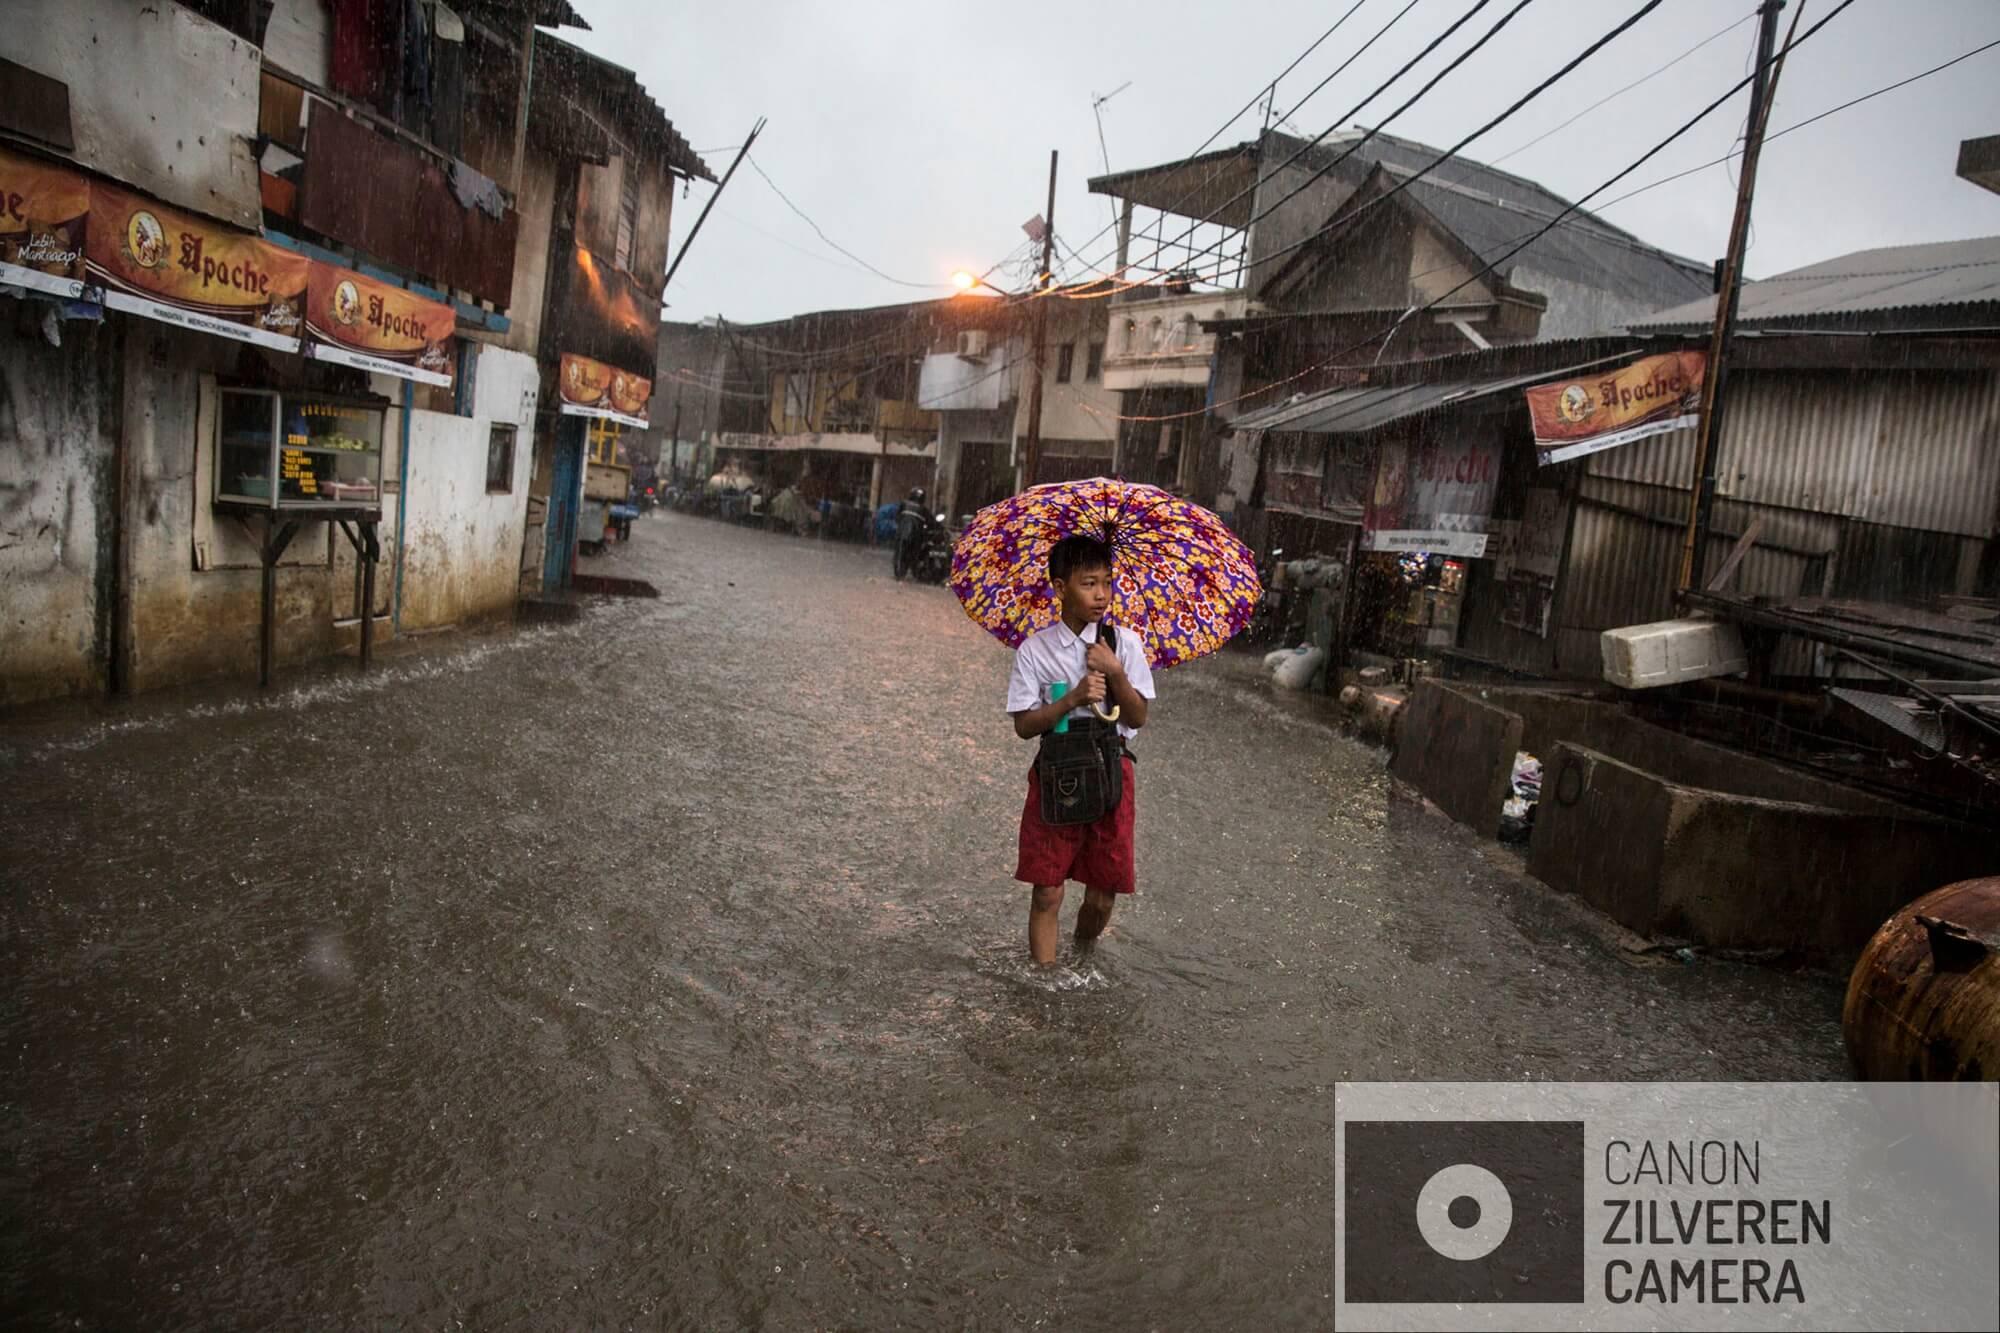 Jakarta zinkt snel, tussen 10-25 centimeter per jaar. Wanneer niets wordt gedaan zal de stad over 20-3- jaar voor een derde permanent onder water staan. Veel water gerelateerde problemen worden toegeschreven aan klimaatverandering en de verwachte zeespiegelstijging die daarmee samenhangt. Bodemdaling is onbekend en zal de absolute zeespiegelstijging tot een factor 10 overschrijden. Jakarta vertrouwd op een oude zeewering om de stad te beschermen tegen zee. Echter door bodemdaling zinkt deze muur snel weg in de grond en biedt weinig bescherming tegen het water. Zware regenval en een hoge rivierwater stand zorgen nu al voor problemen: de stad is veranderd in een omgekeerd aquarium. De zee is niet meer het laagste punt, het water kan nergens meer heen.De hoofdstraat in Muara Baru, de wijk naast de zeewering staat vaak onder water. Het is een van de snelst dalende delen van de stad, het water stroomt erin maar er niet meer uit. Serie gemaakt tussen 2015 en 2018